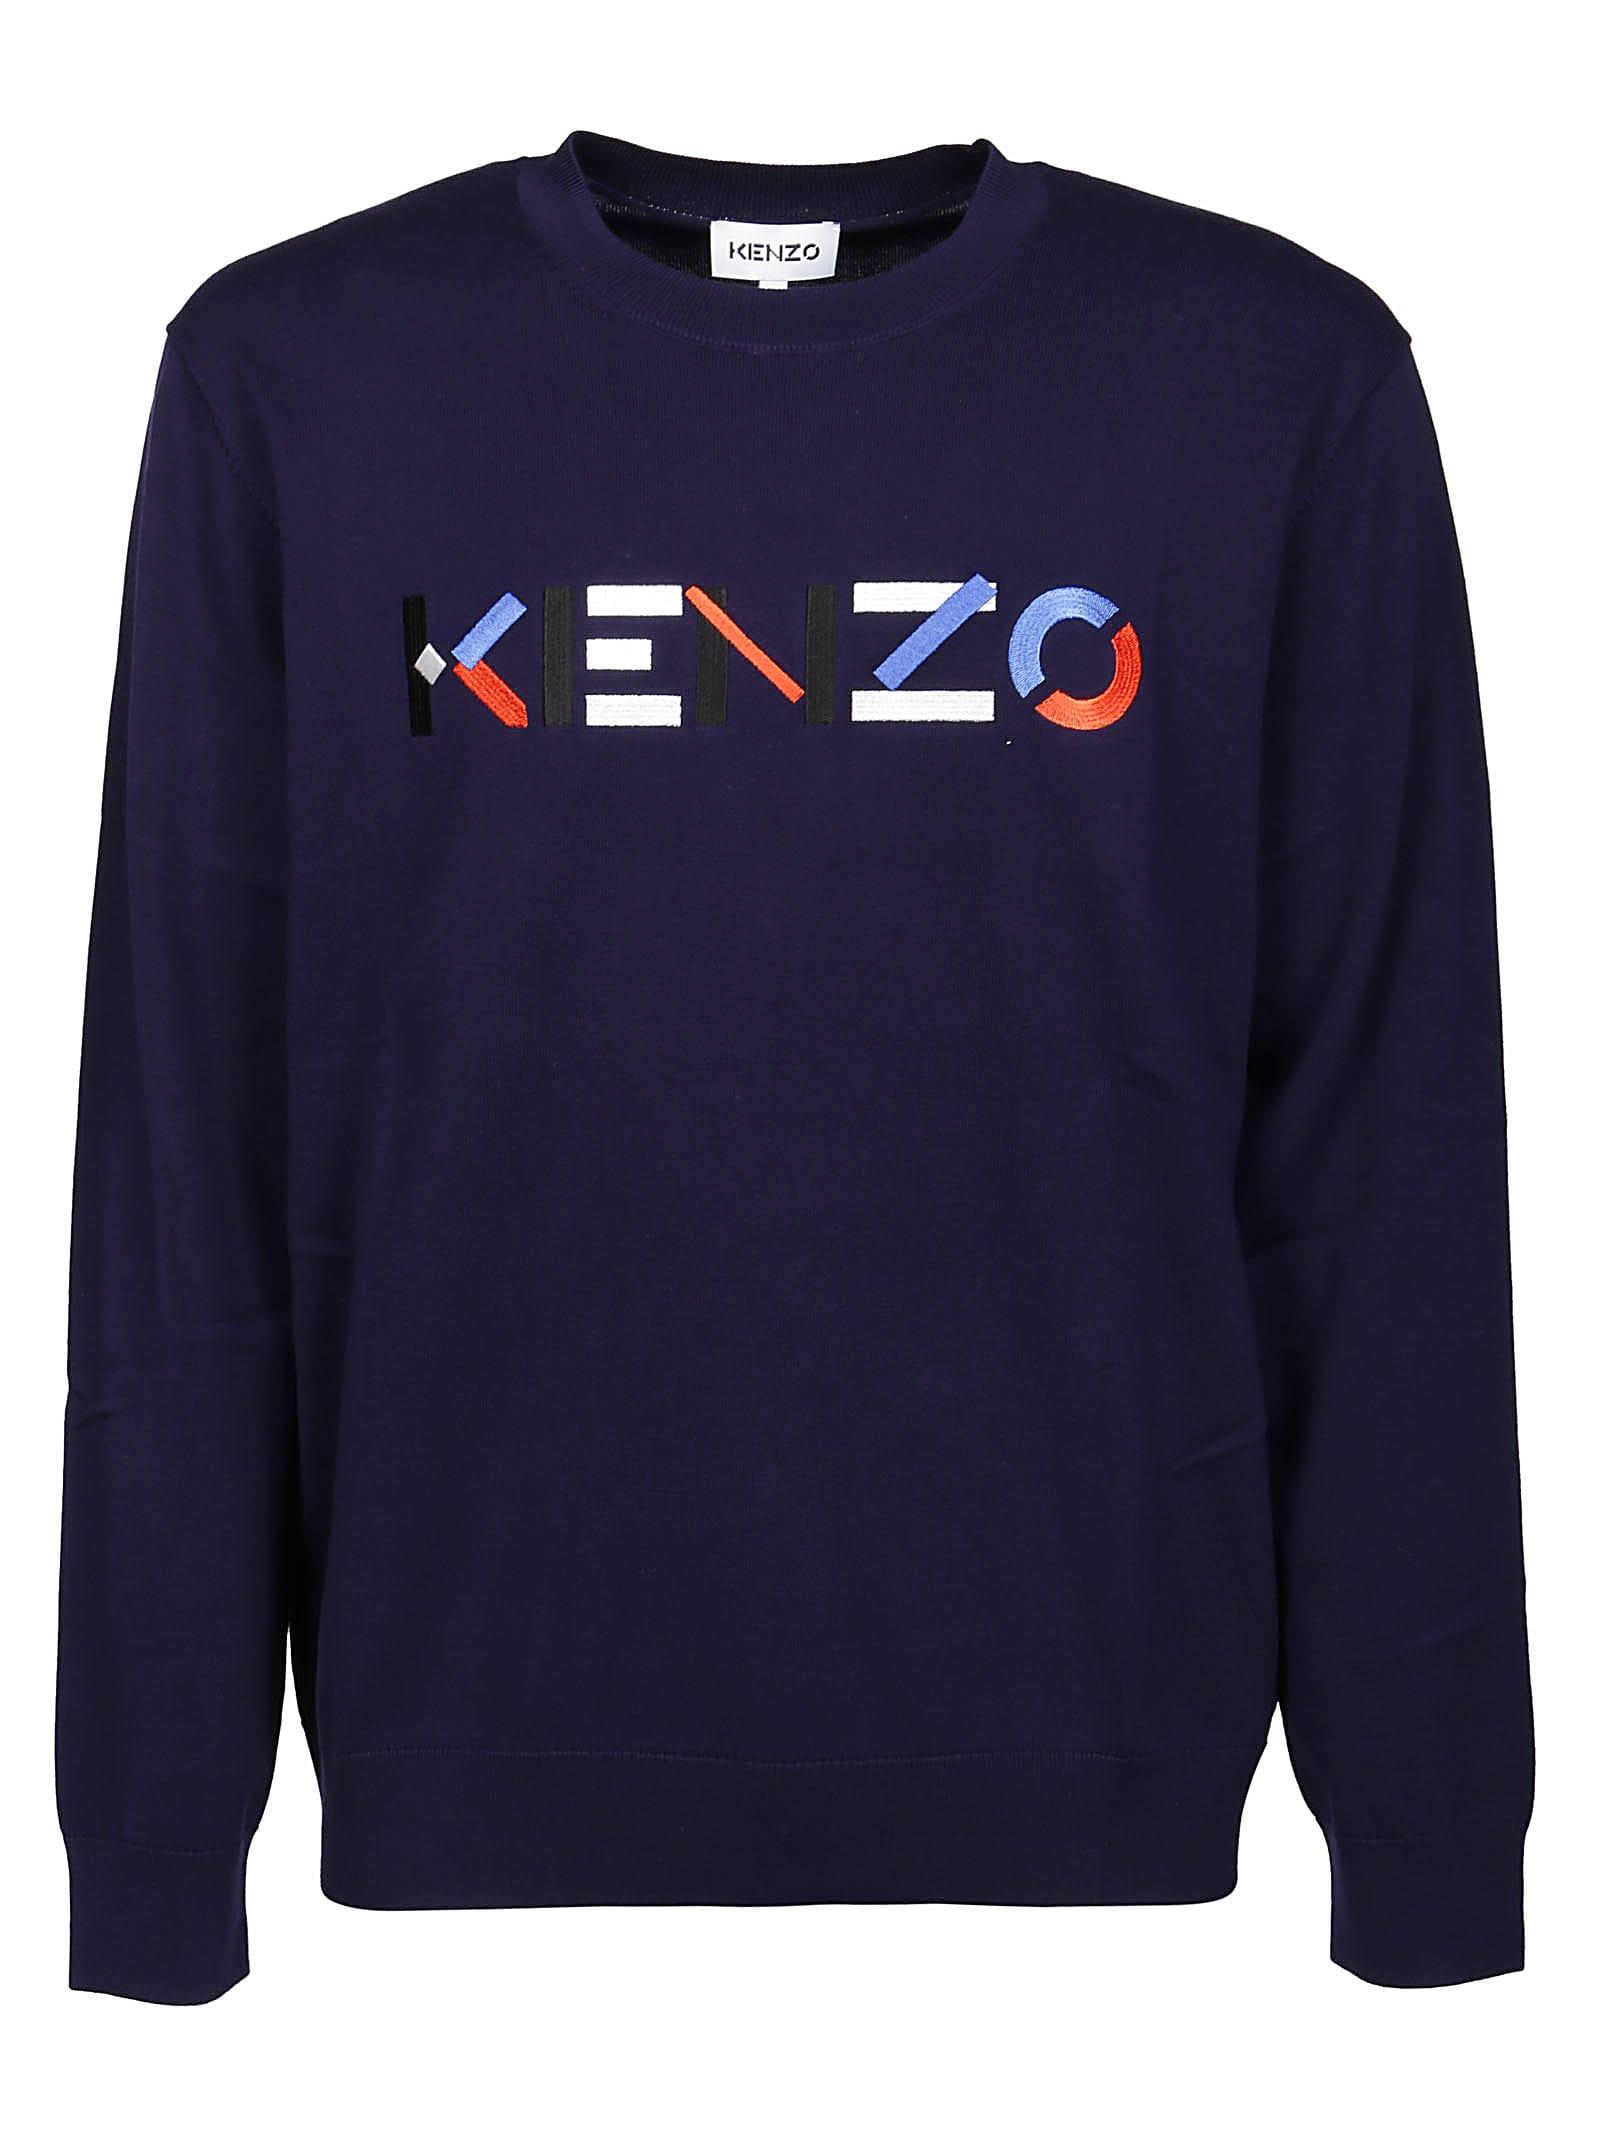 Kenzo Sweater Multicolor Classic Jumper